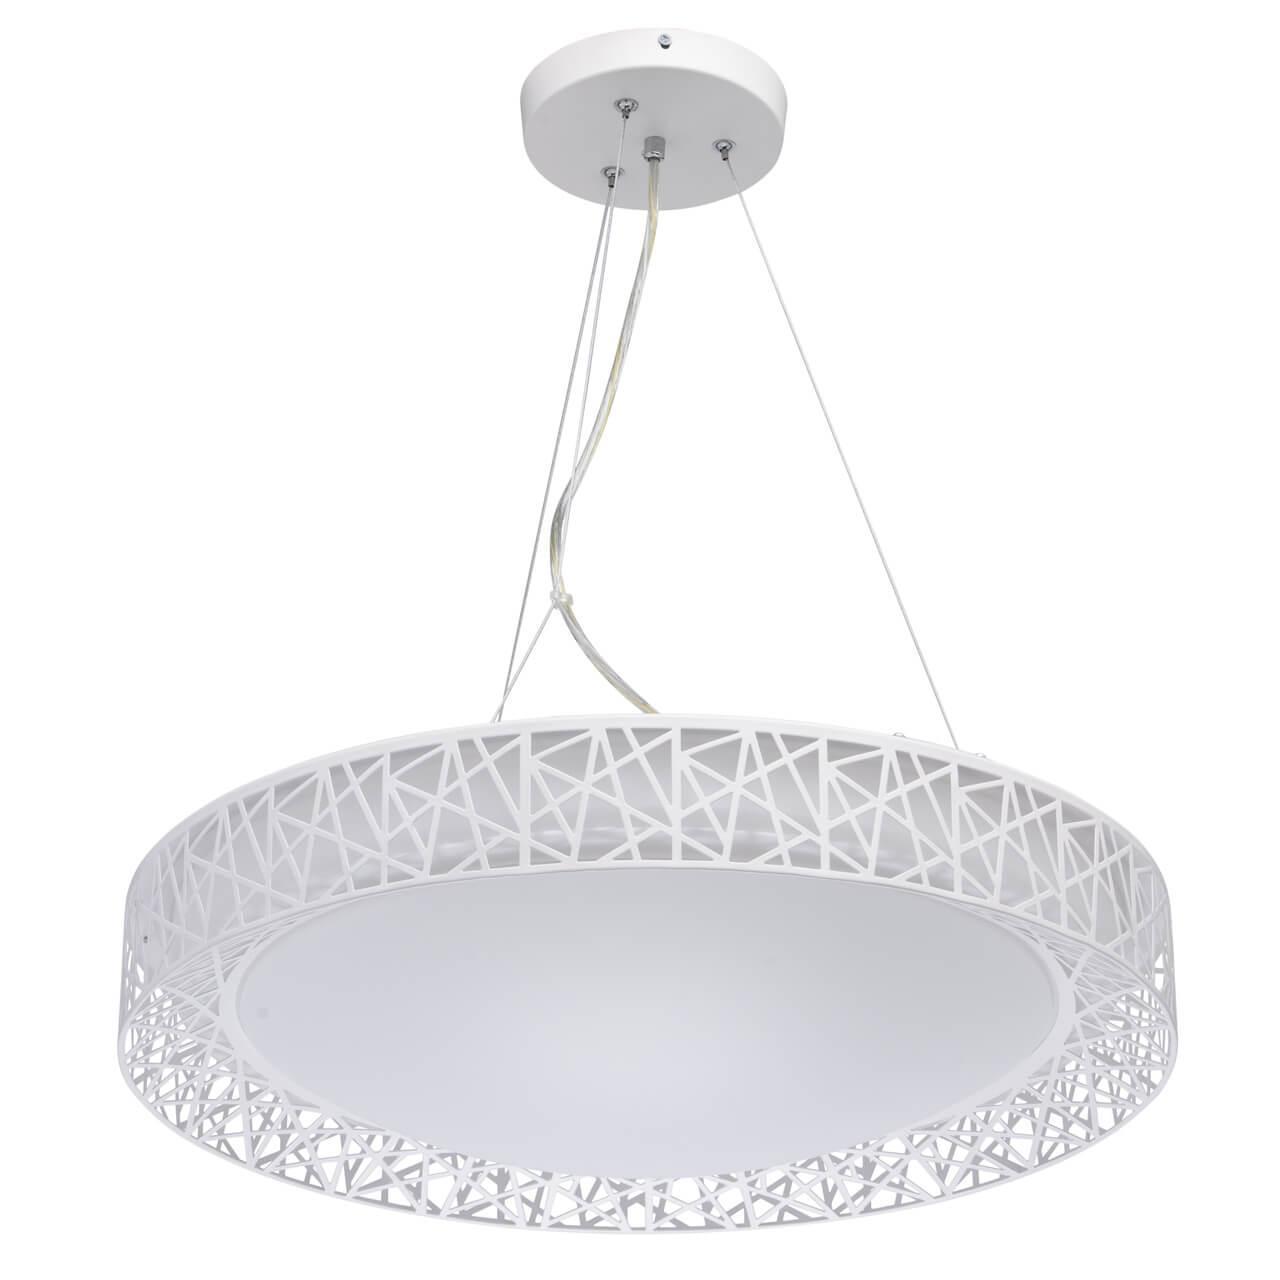 Подвесной светильник De Markt 674012301, LED, 36 Вт недорого